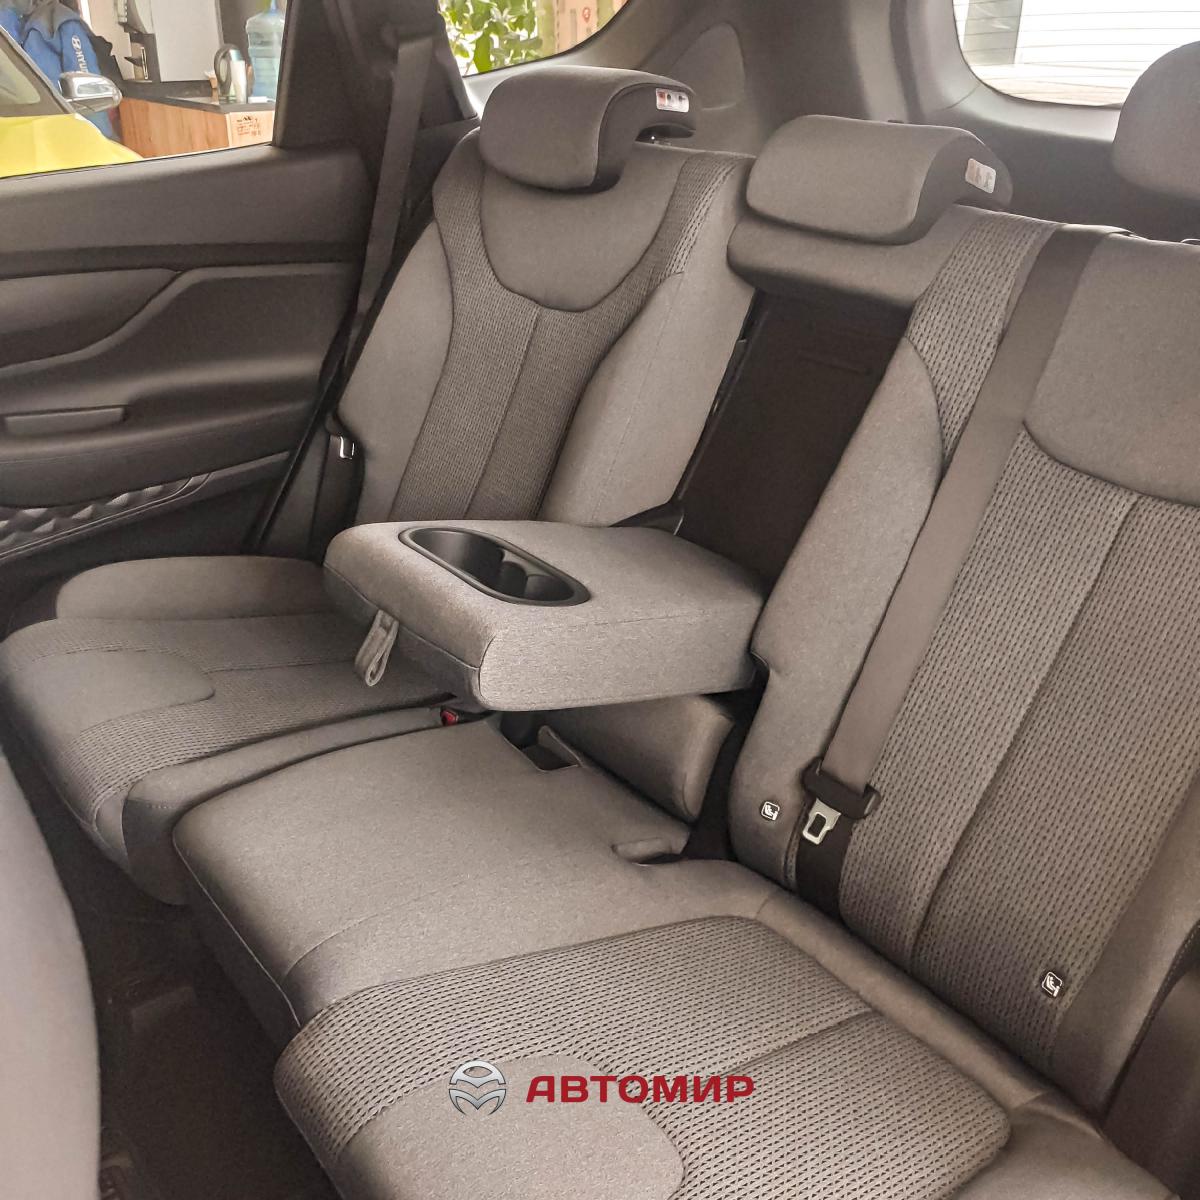 Теплі функції автомобілів Hyundai | Дар-Авто - фото 9